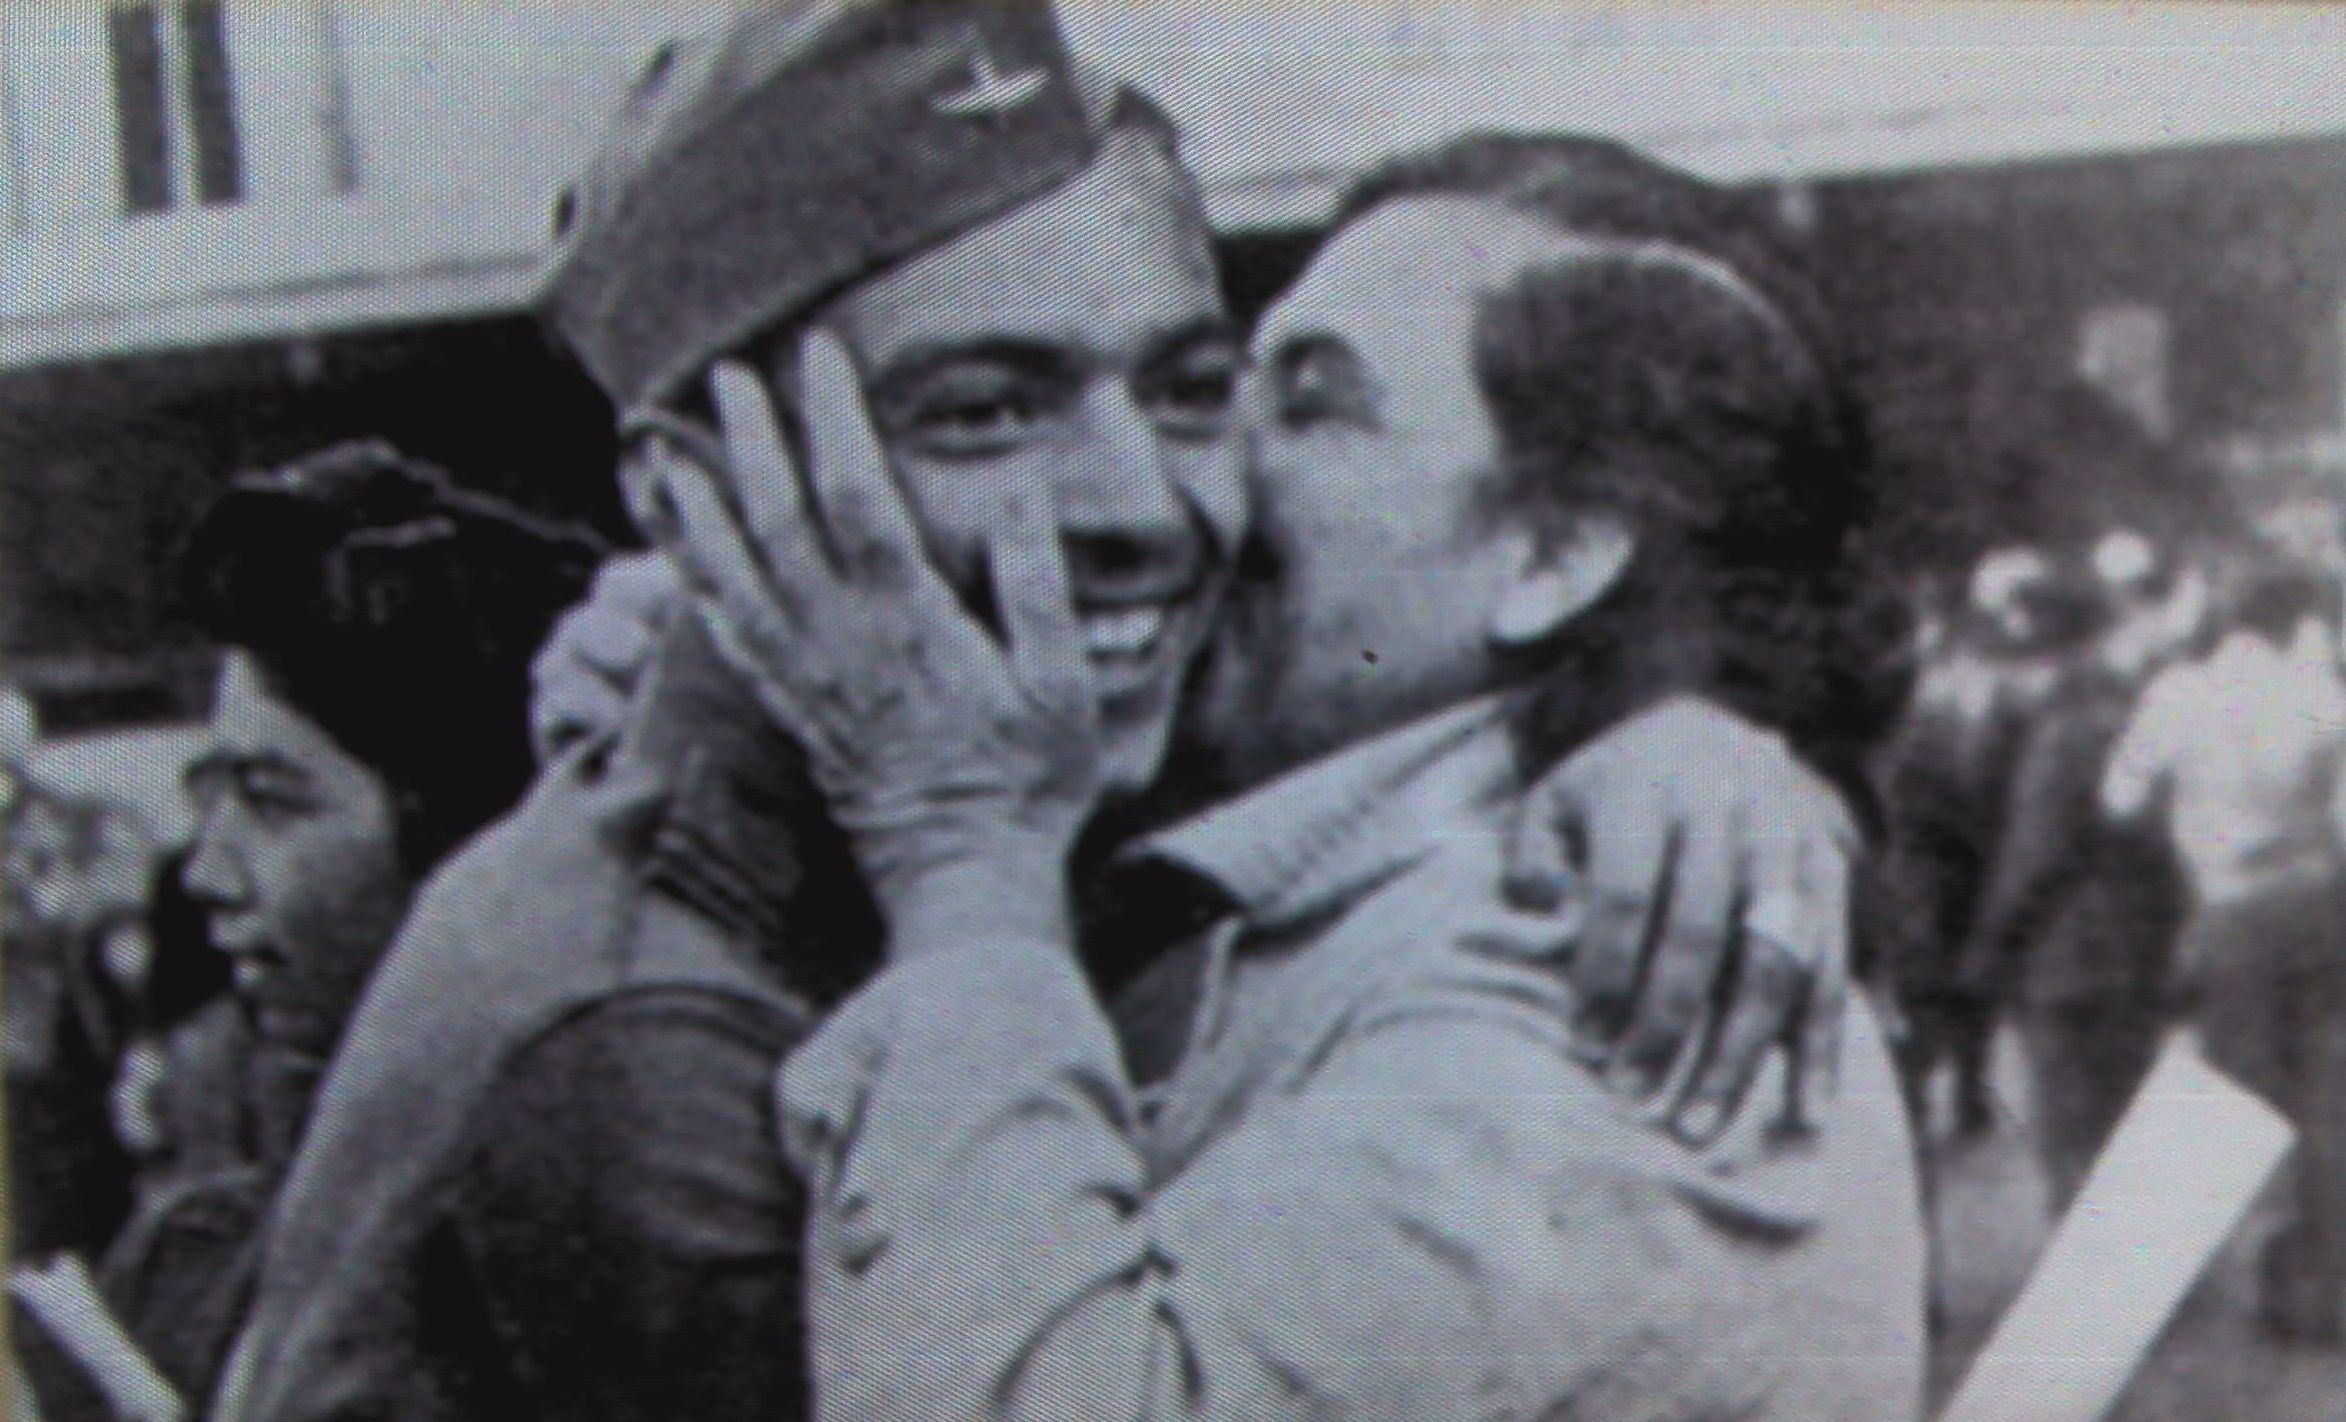 escuadrones de honor latinoamericanos en la segunda guerra mundial